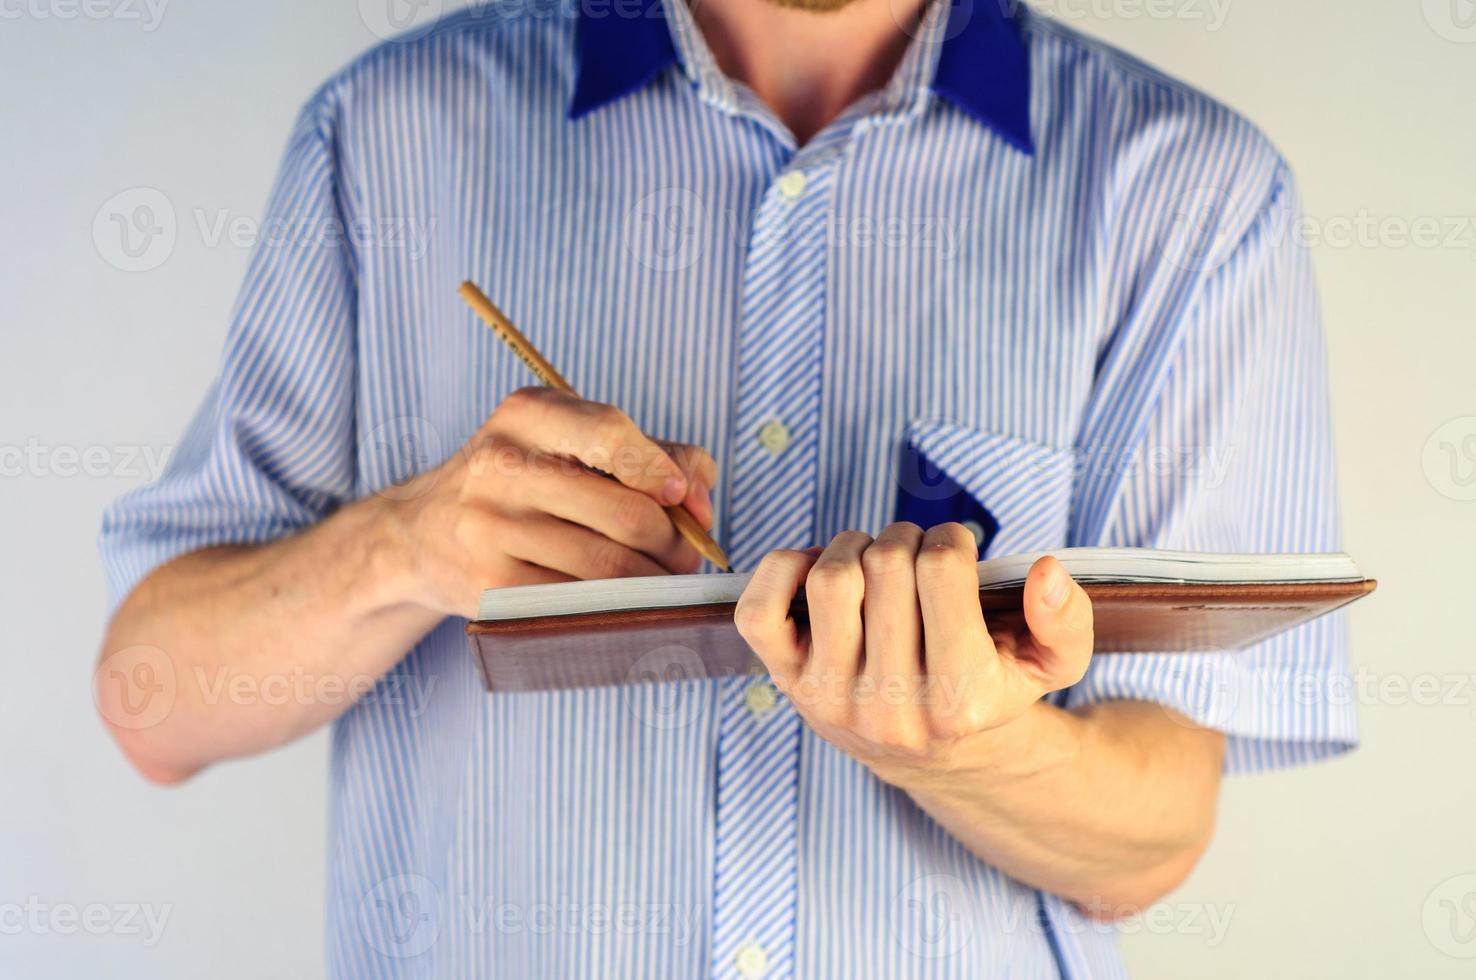 uomo in camicia scrivendo sul suo quaderno foto